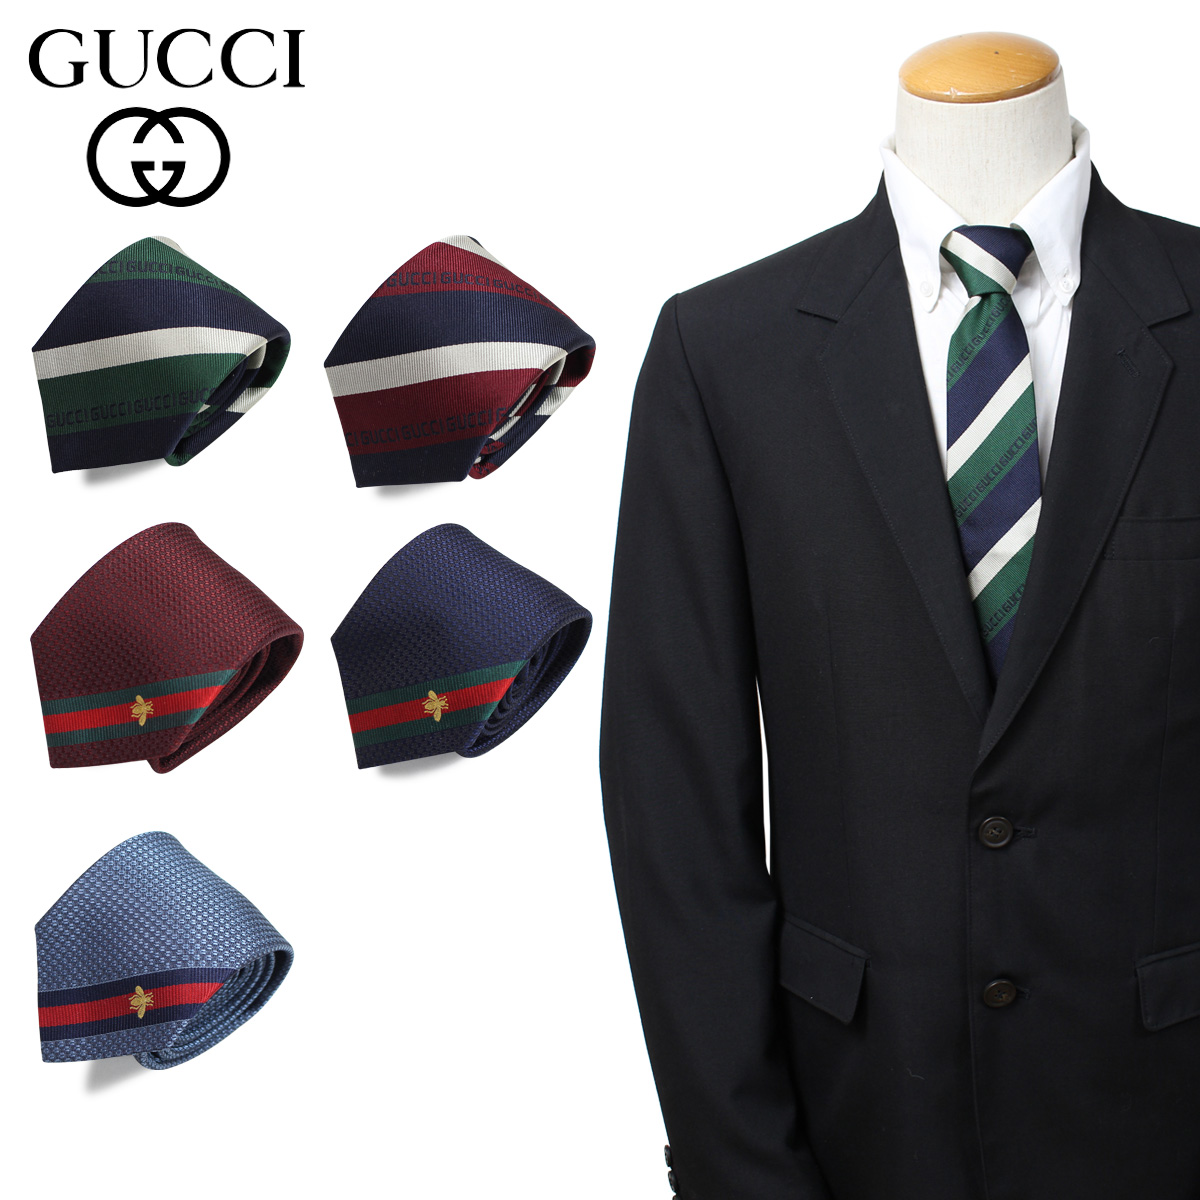 GUCCI グッチ ネクタイ メンズ イタリア製 シルク ビジネス 結婚式 [3/25 新入荷]